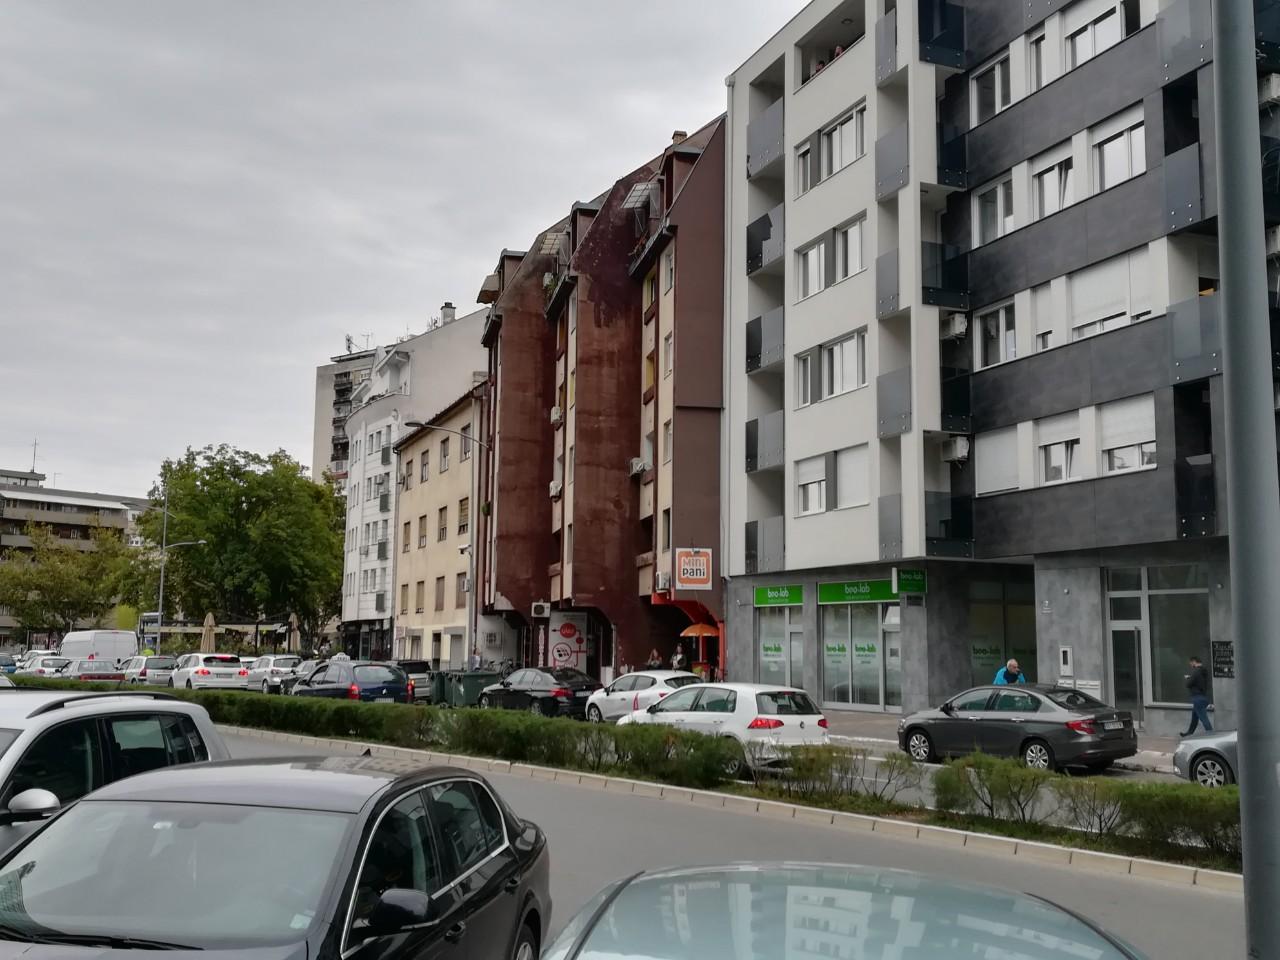 Beo-lab laboratorija Novi Sad, Braće Ribnikar 7 3